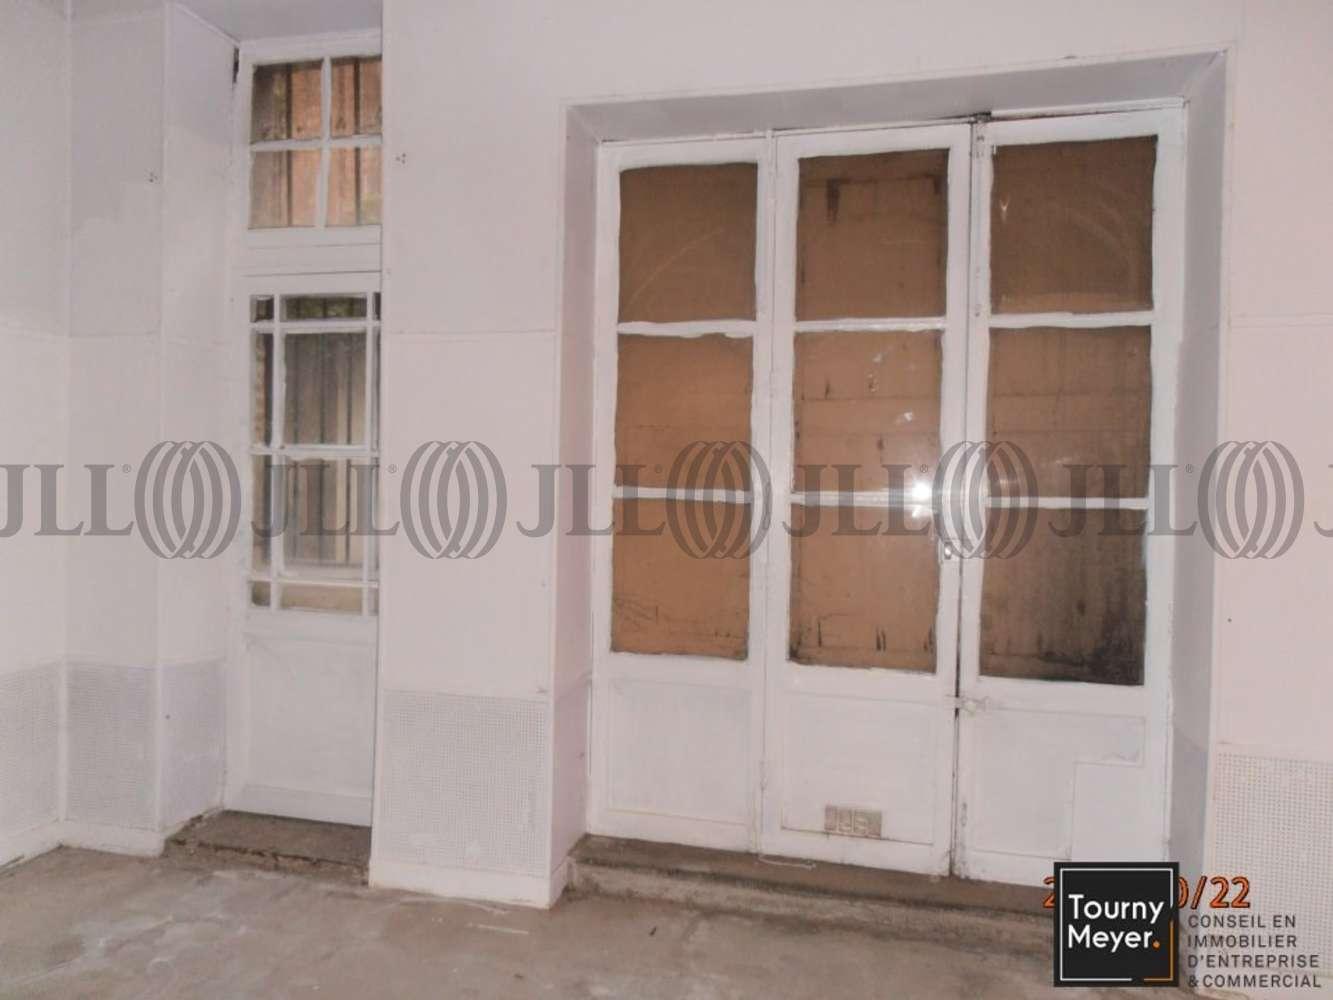 Activités/entrepôt Toulouse, 31000 - 2 RUE TEMPONIERES - 10765556